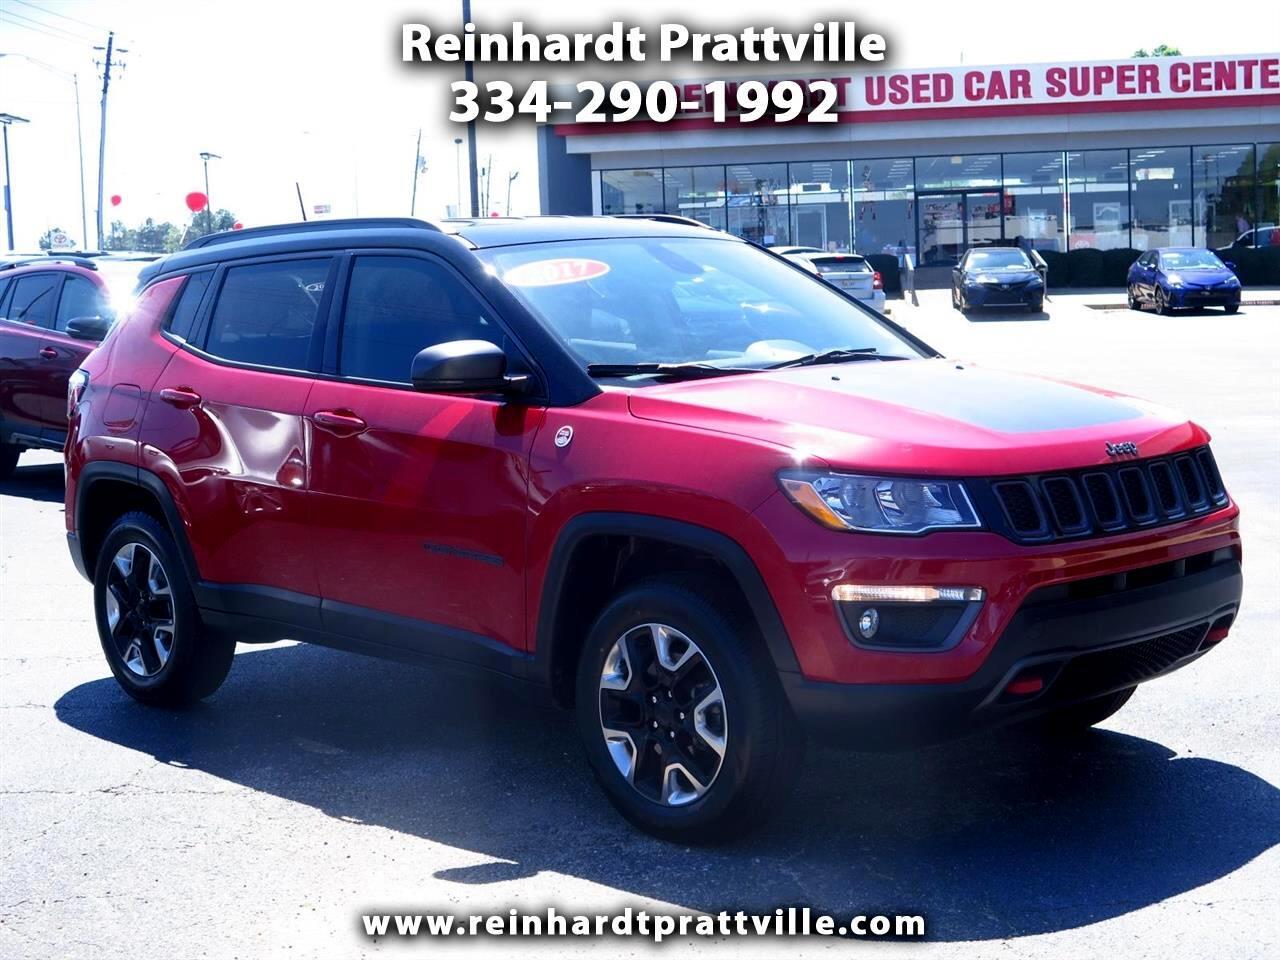 2017 Jeep Compass Trailhawk 4x4